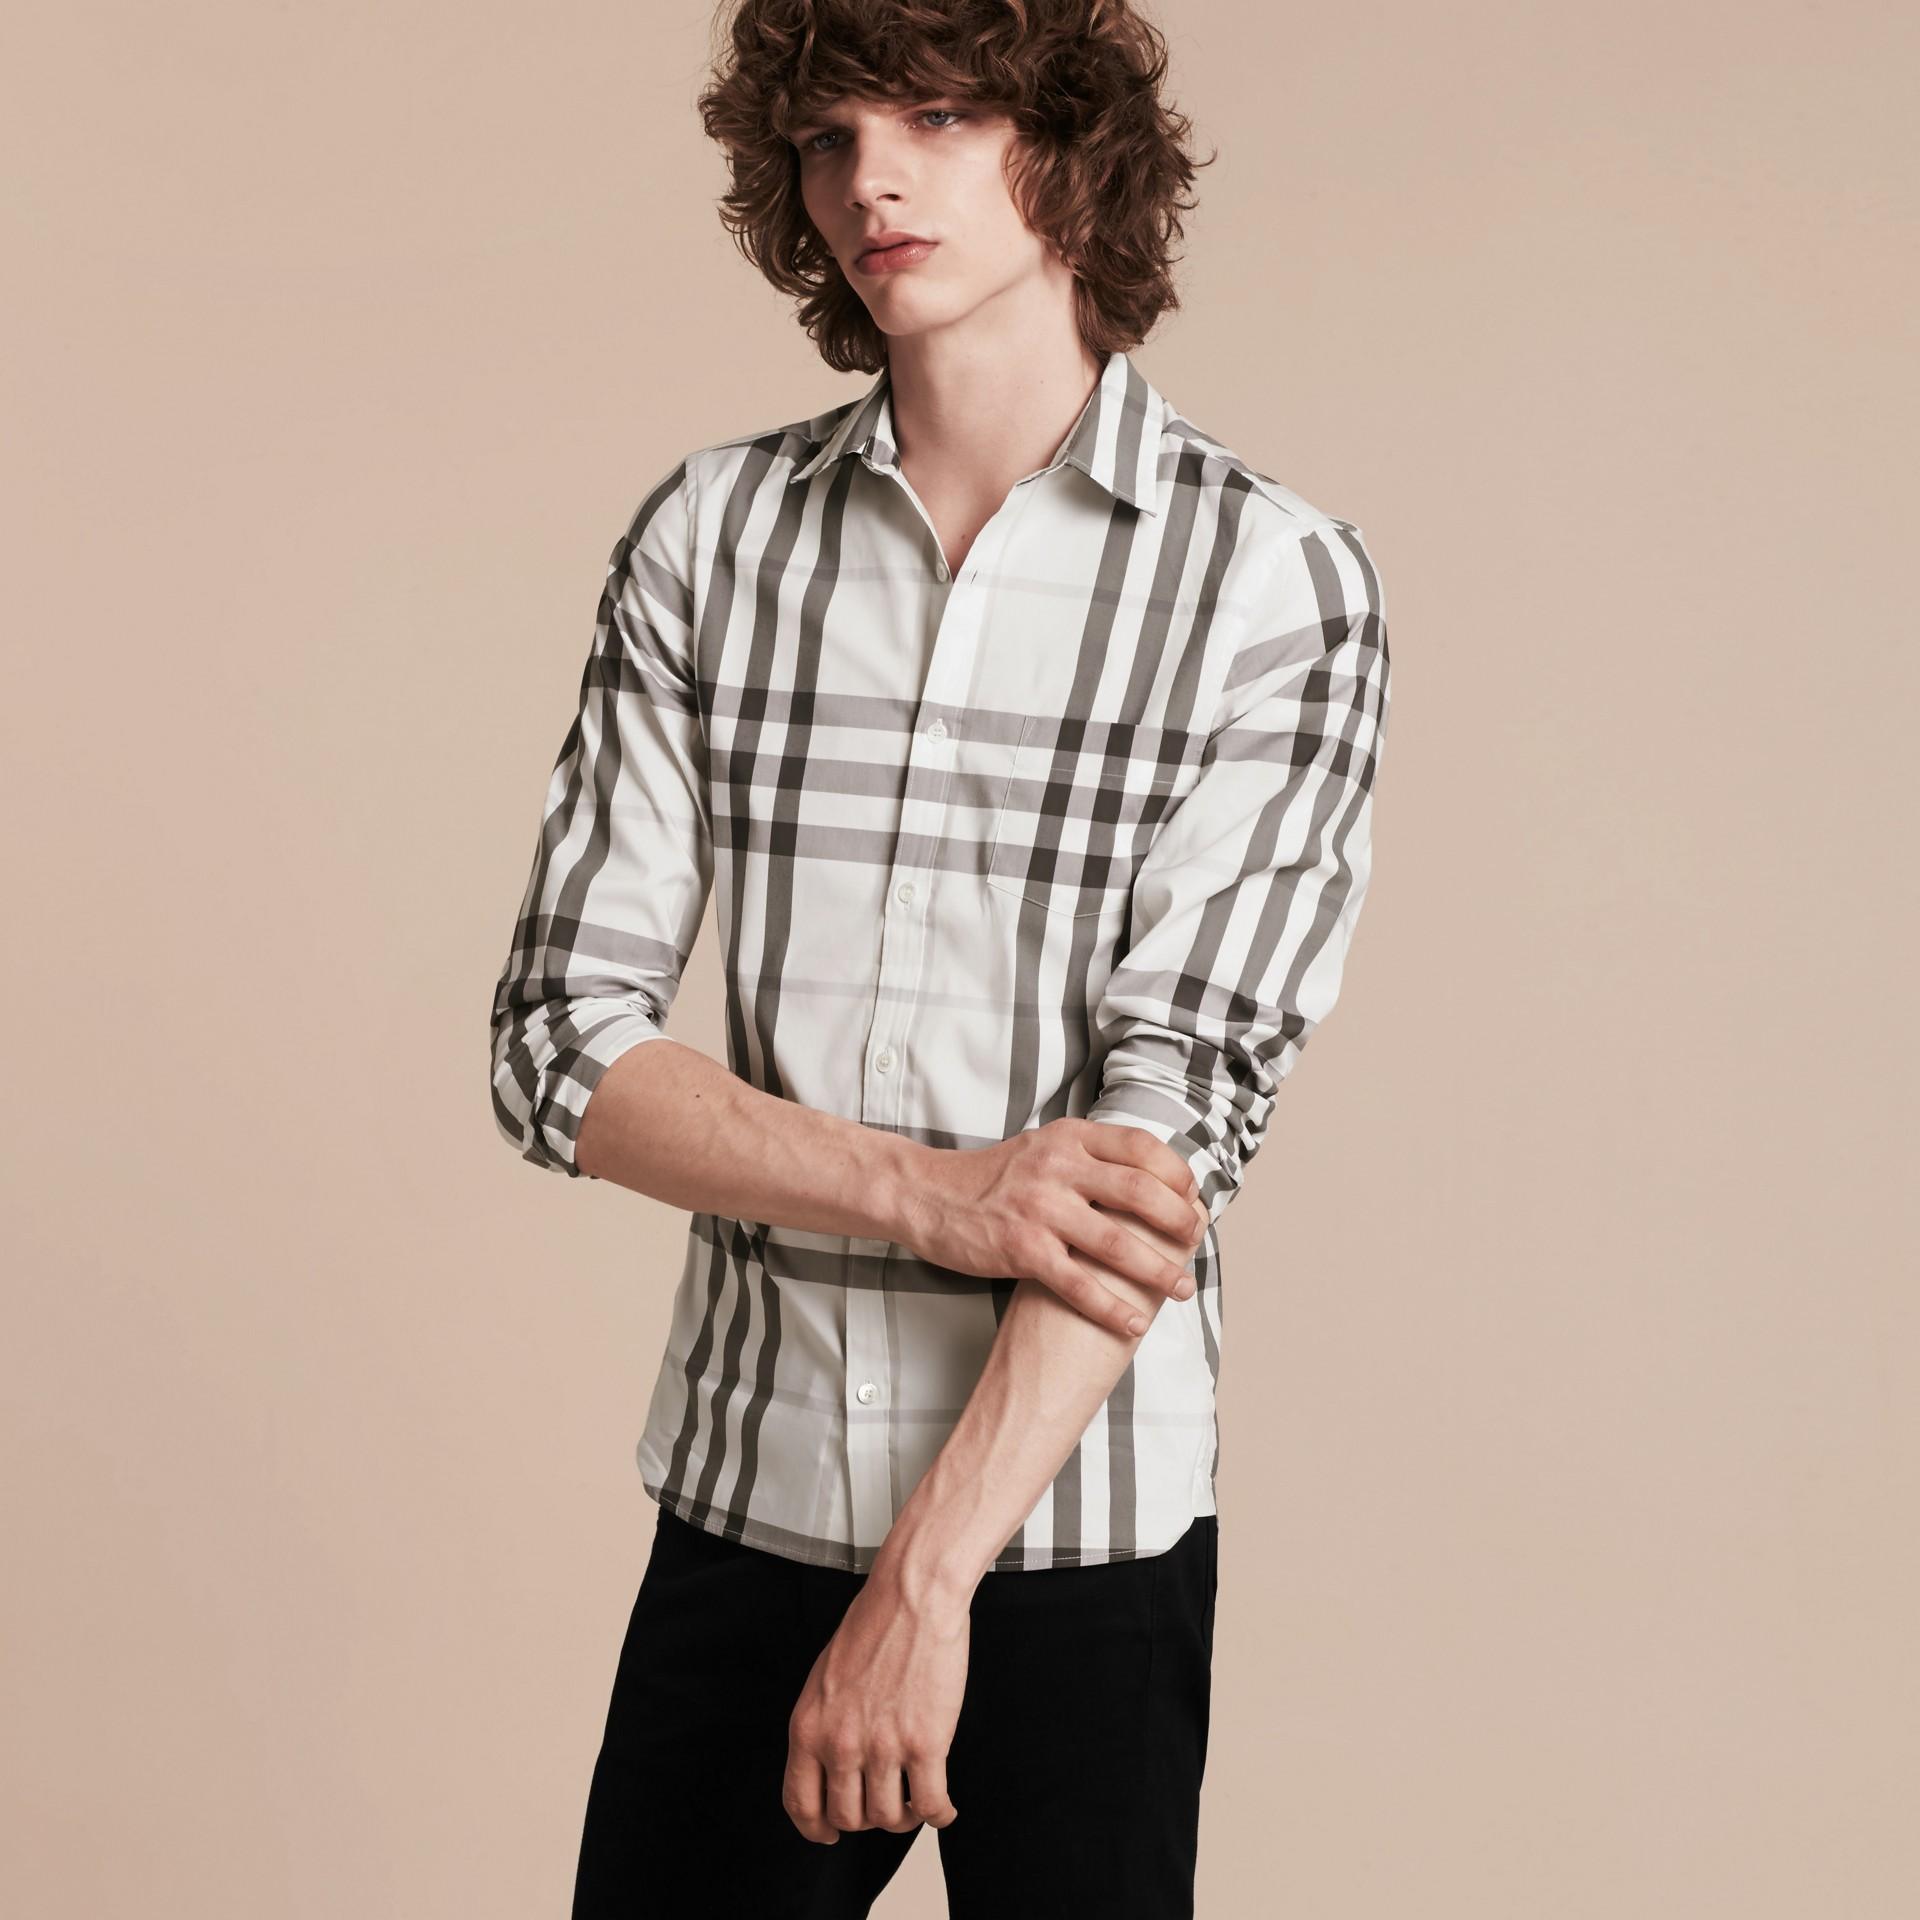 Bianco naturale Camicia in cotone stretch con motivo check Bianco Naturale - immagine della galleria 4